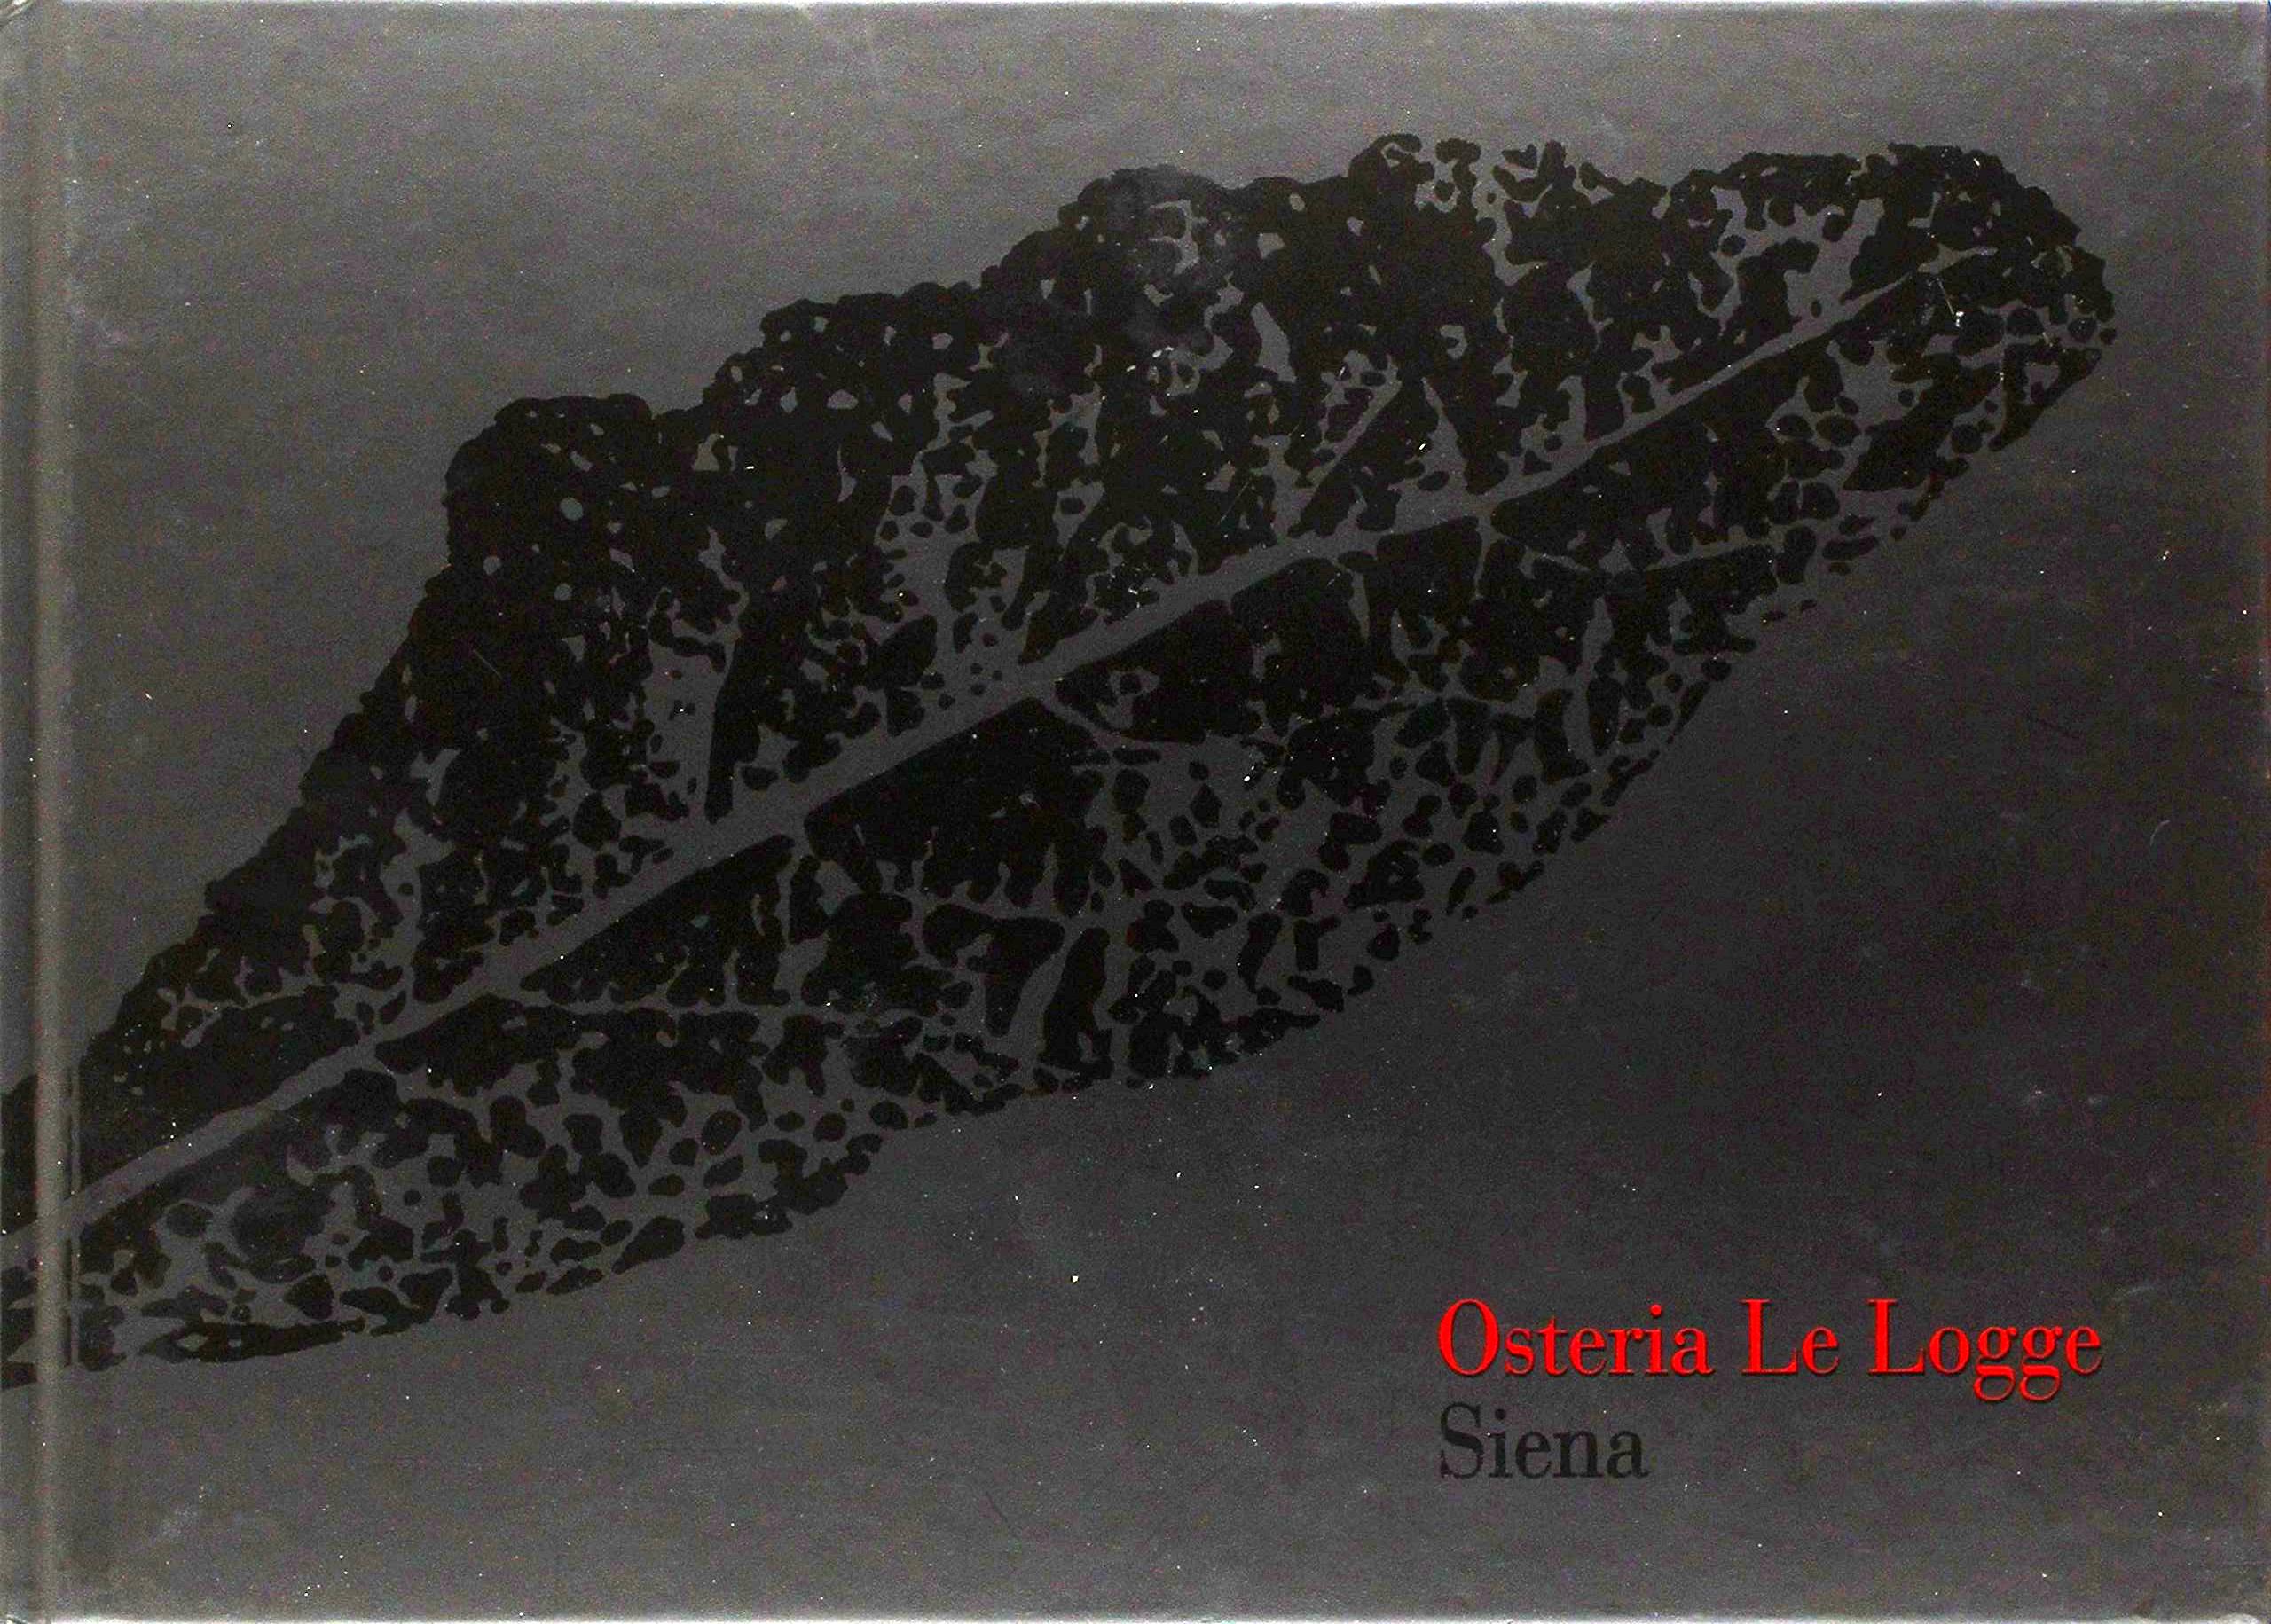 Osteria Le Logge, Siena.